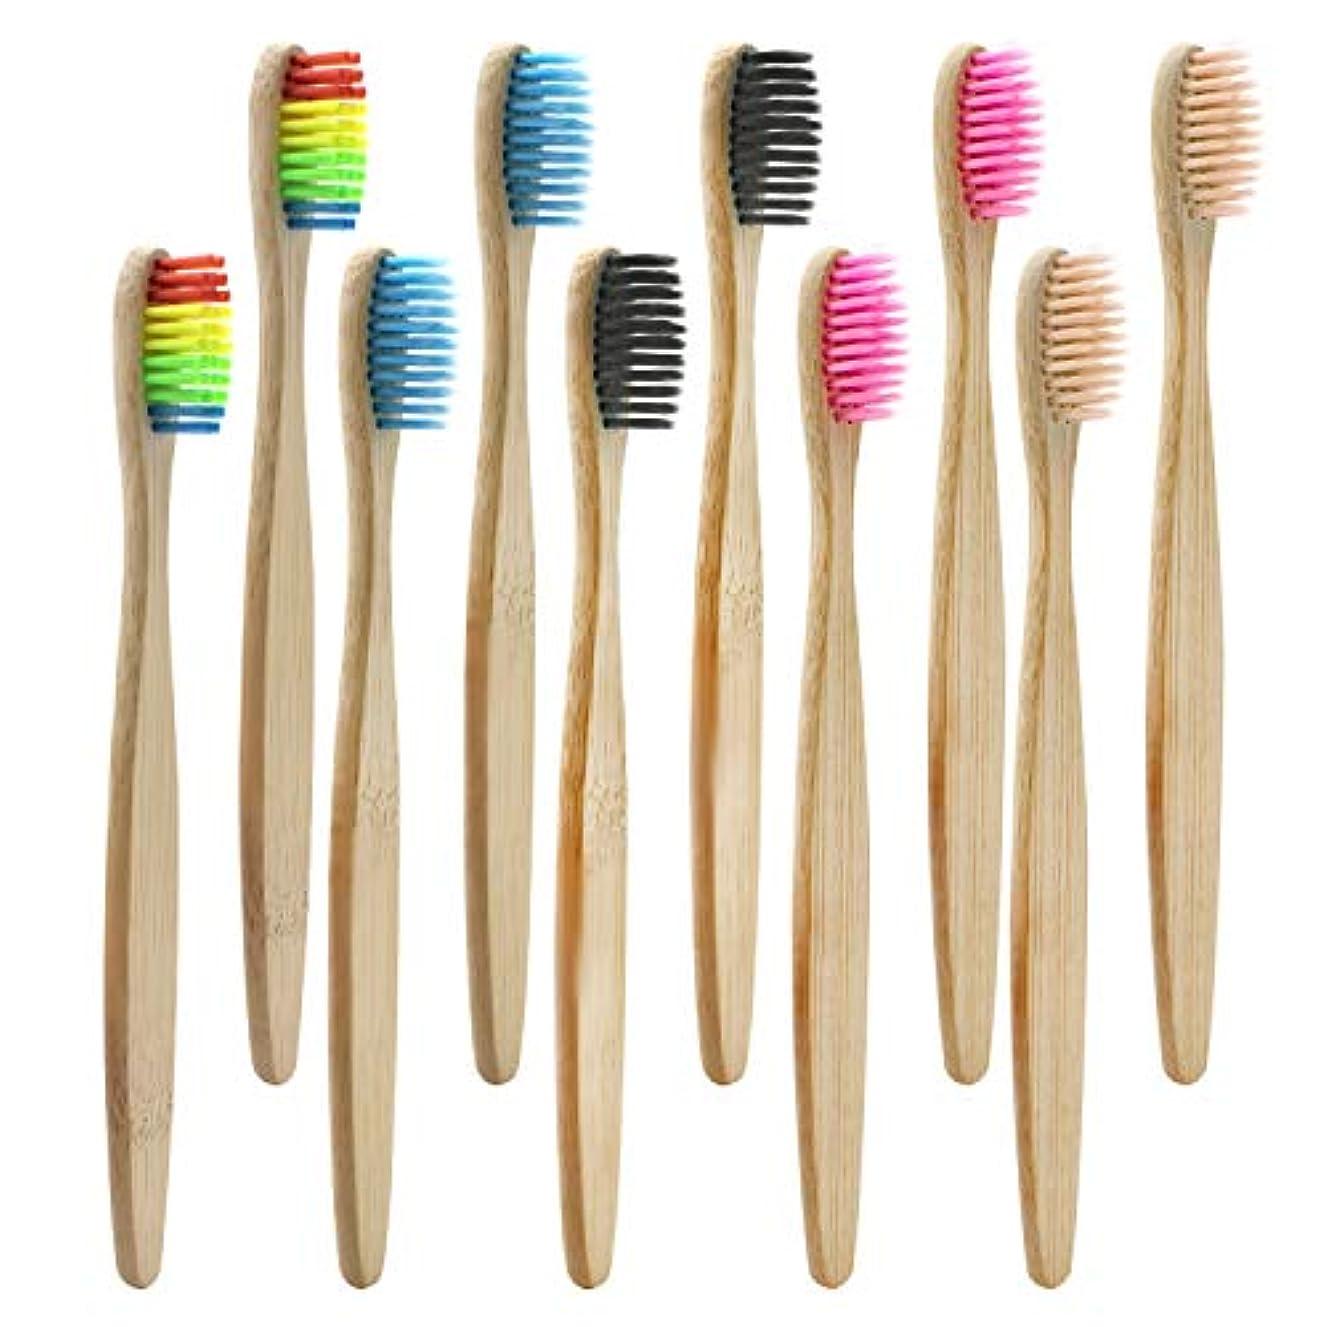 ハブ溶ける優越Dracarys 竹製の歯ブラシ 10本入れ(5色各5本) やわらかめ 細毛 エコ歯ブラシ 自然分解される環境に優しい竹製歯ブラシ 家庭用 旅行用